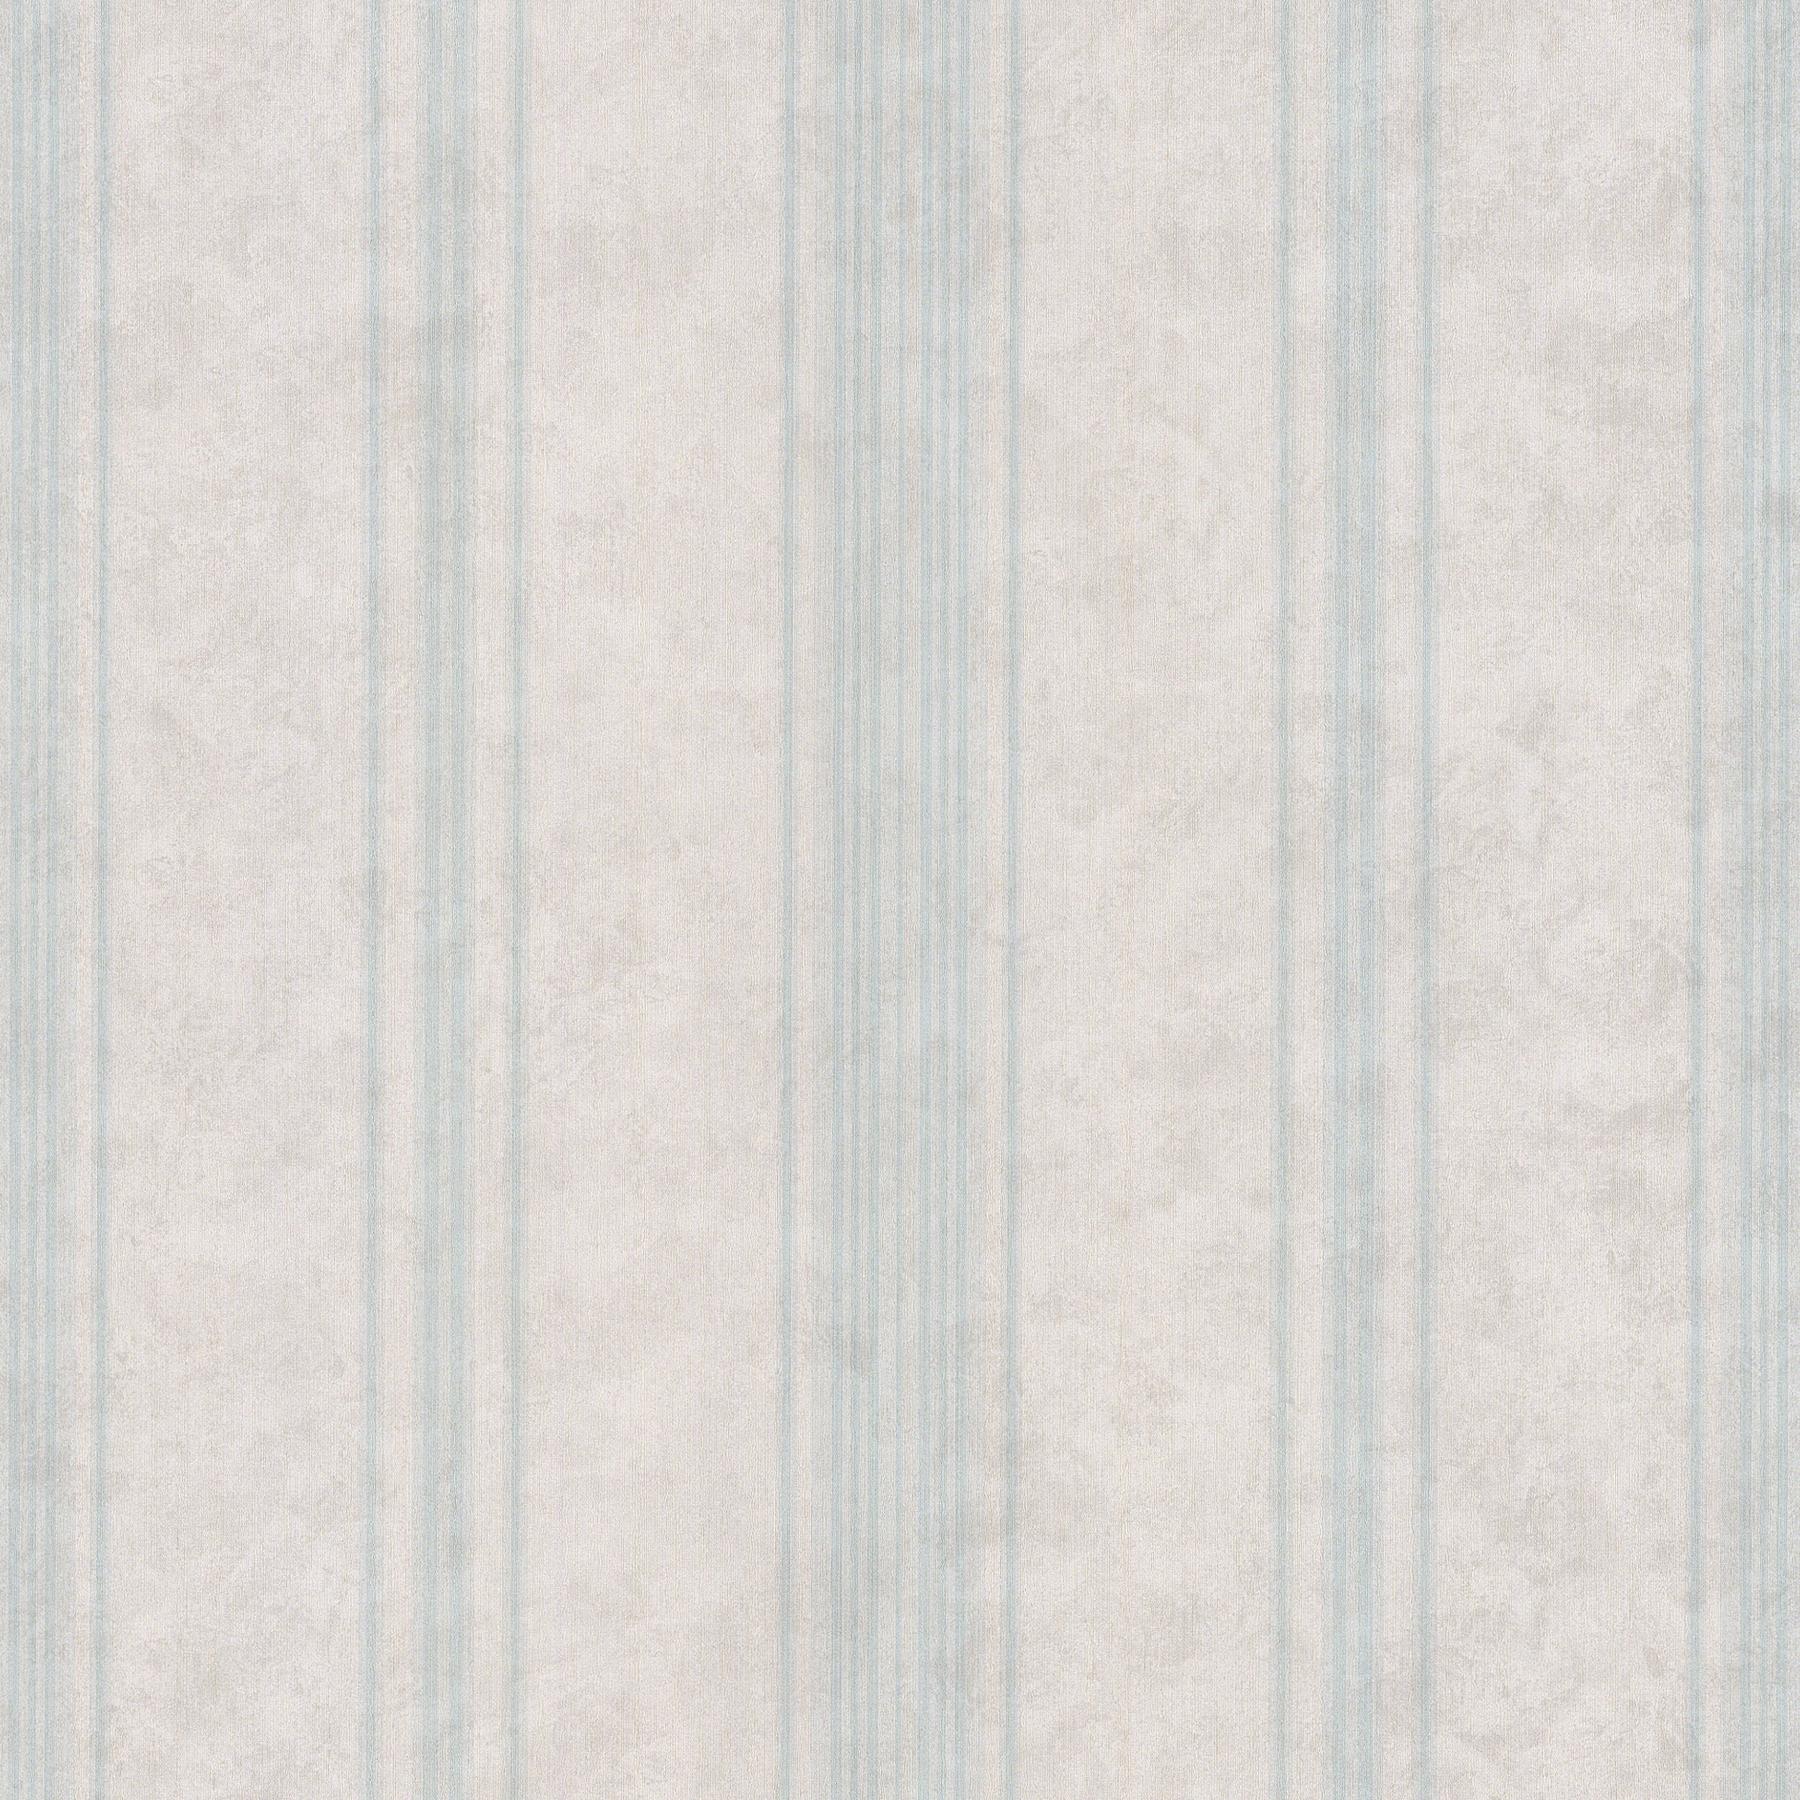 Picture of Biella Aqua Stria Stripe Wallpaper